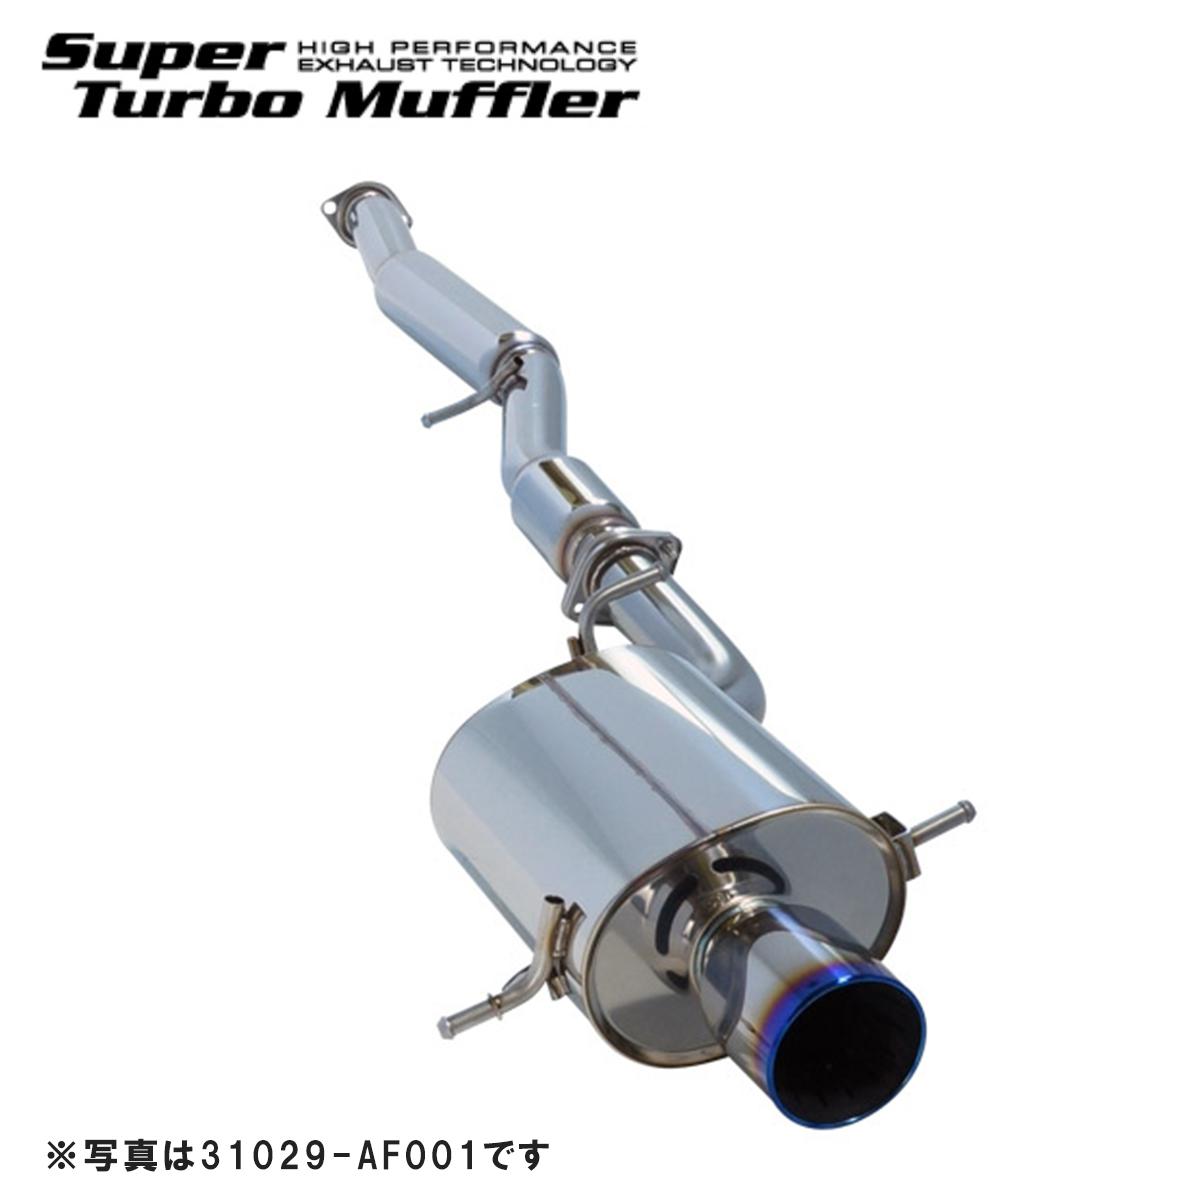 レヴォーグ マフラー DBA-VM4 HKS 31029-AF010 スーパーターボマフラー 配送先条件有り